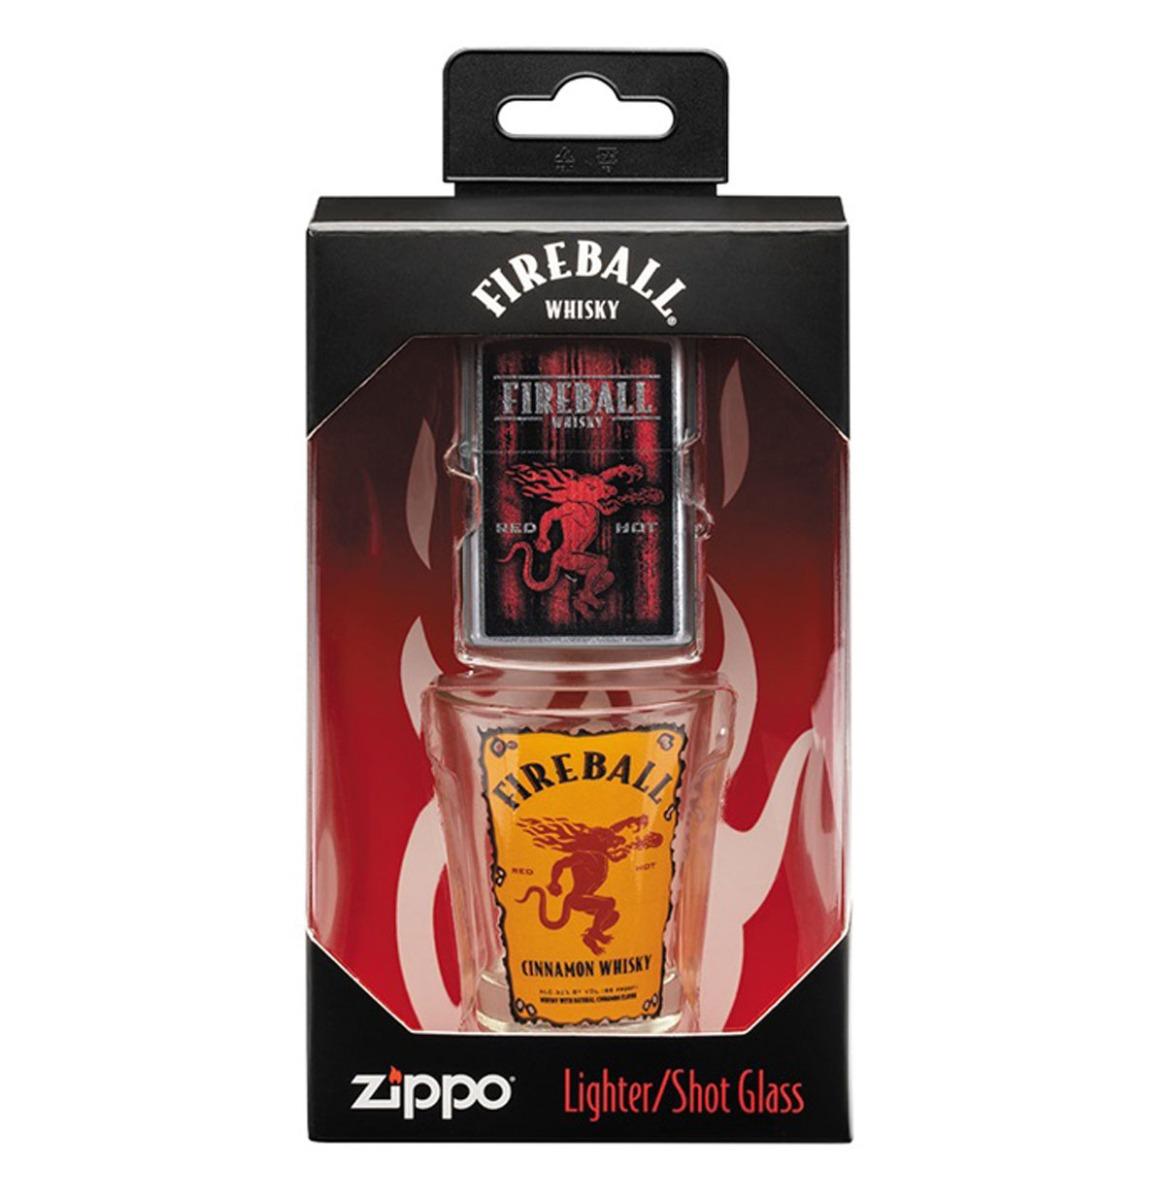 Zippo Fireball Whisky Aansteker En Shot Glaasje Cadeauset